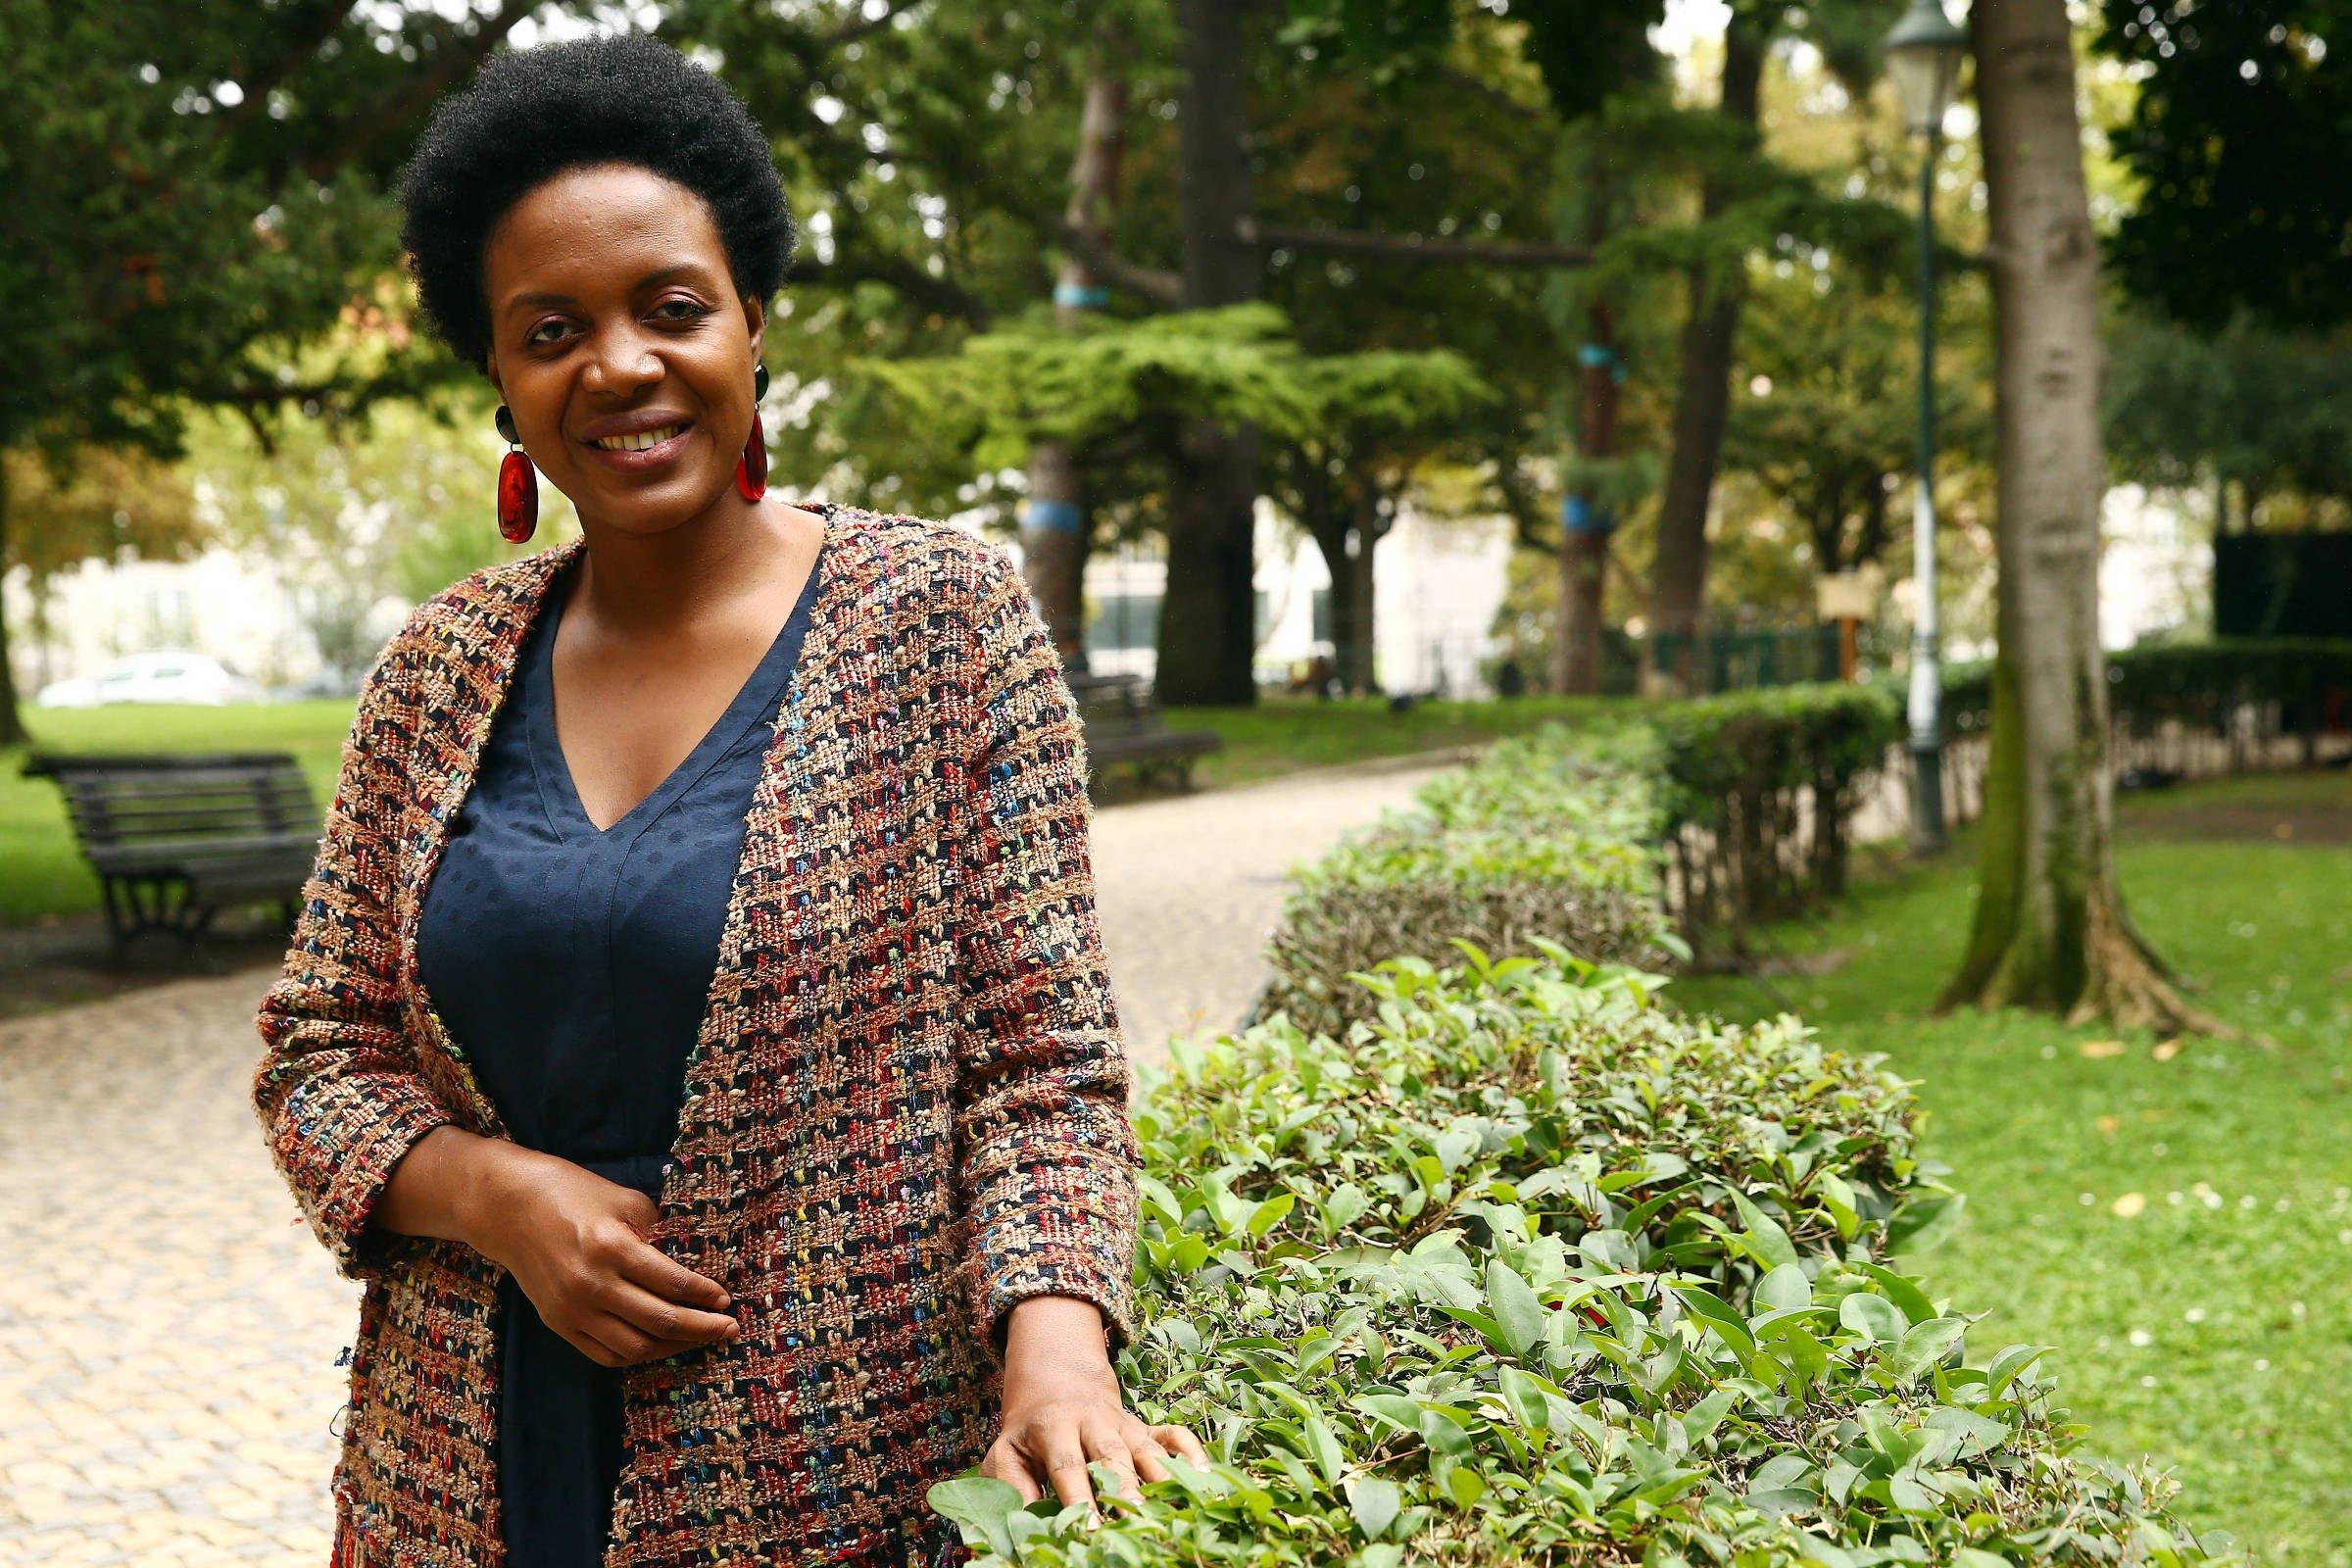 Historiadora é 1ª mulher negra candidata a primeira-ministra de Portugal